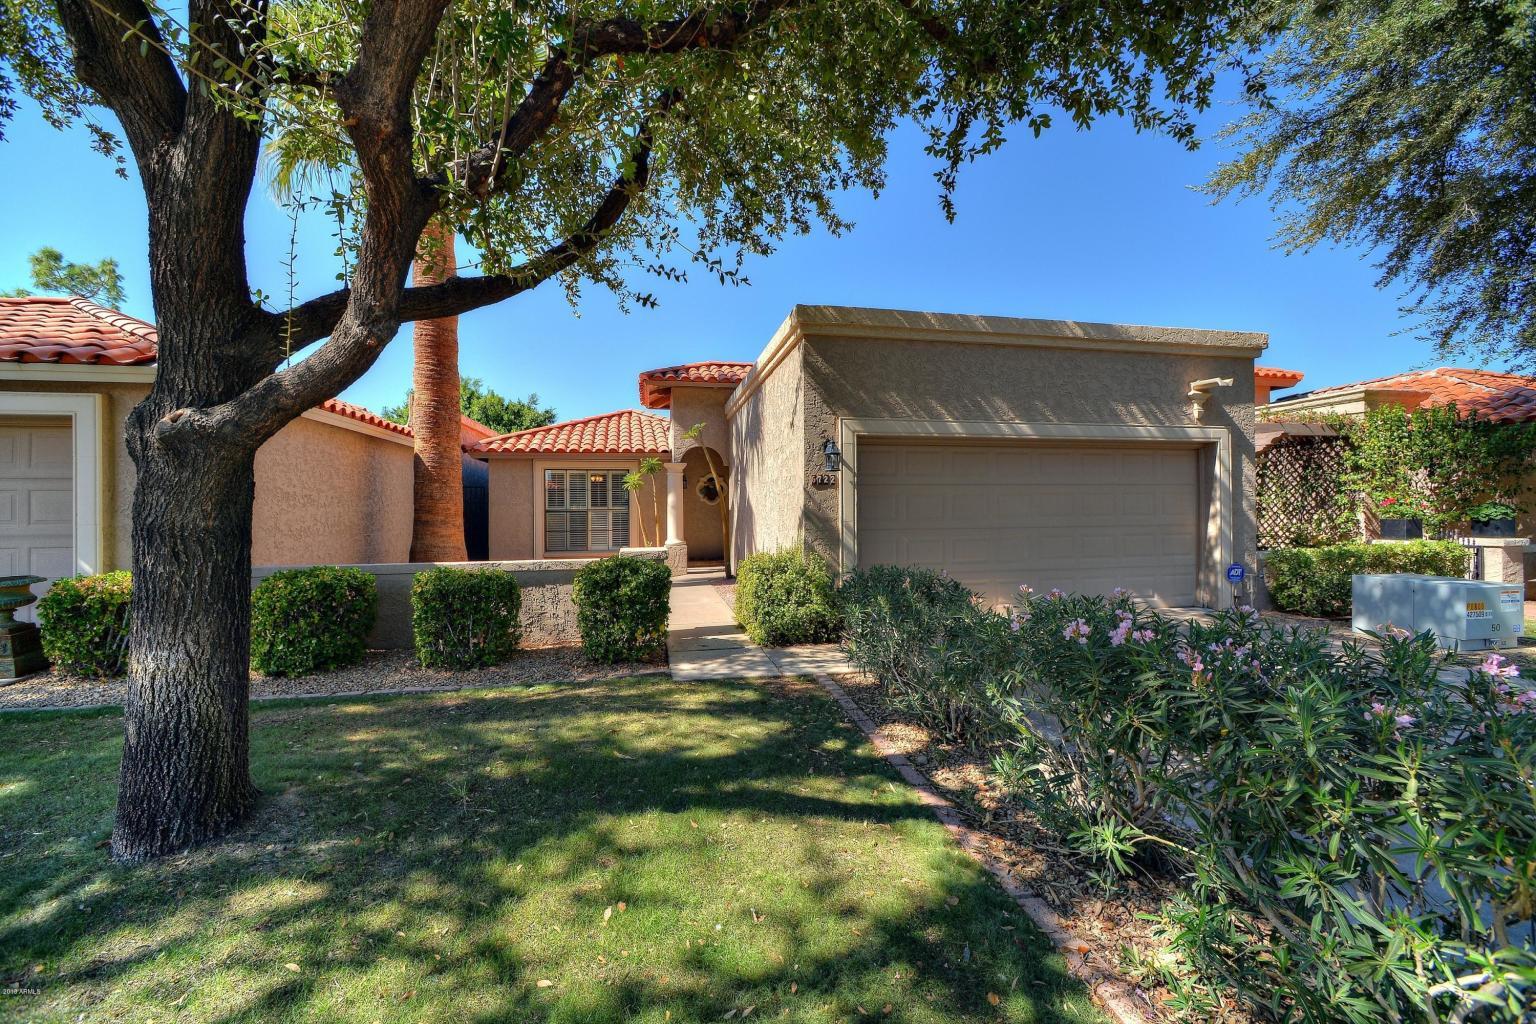 6722 N 78th Pl, Scottsdale | $400,000